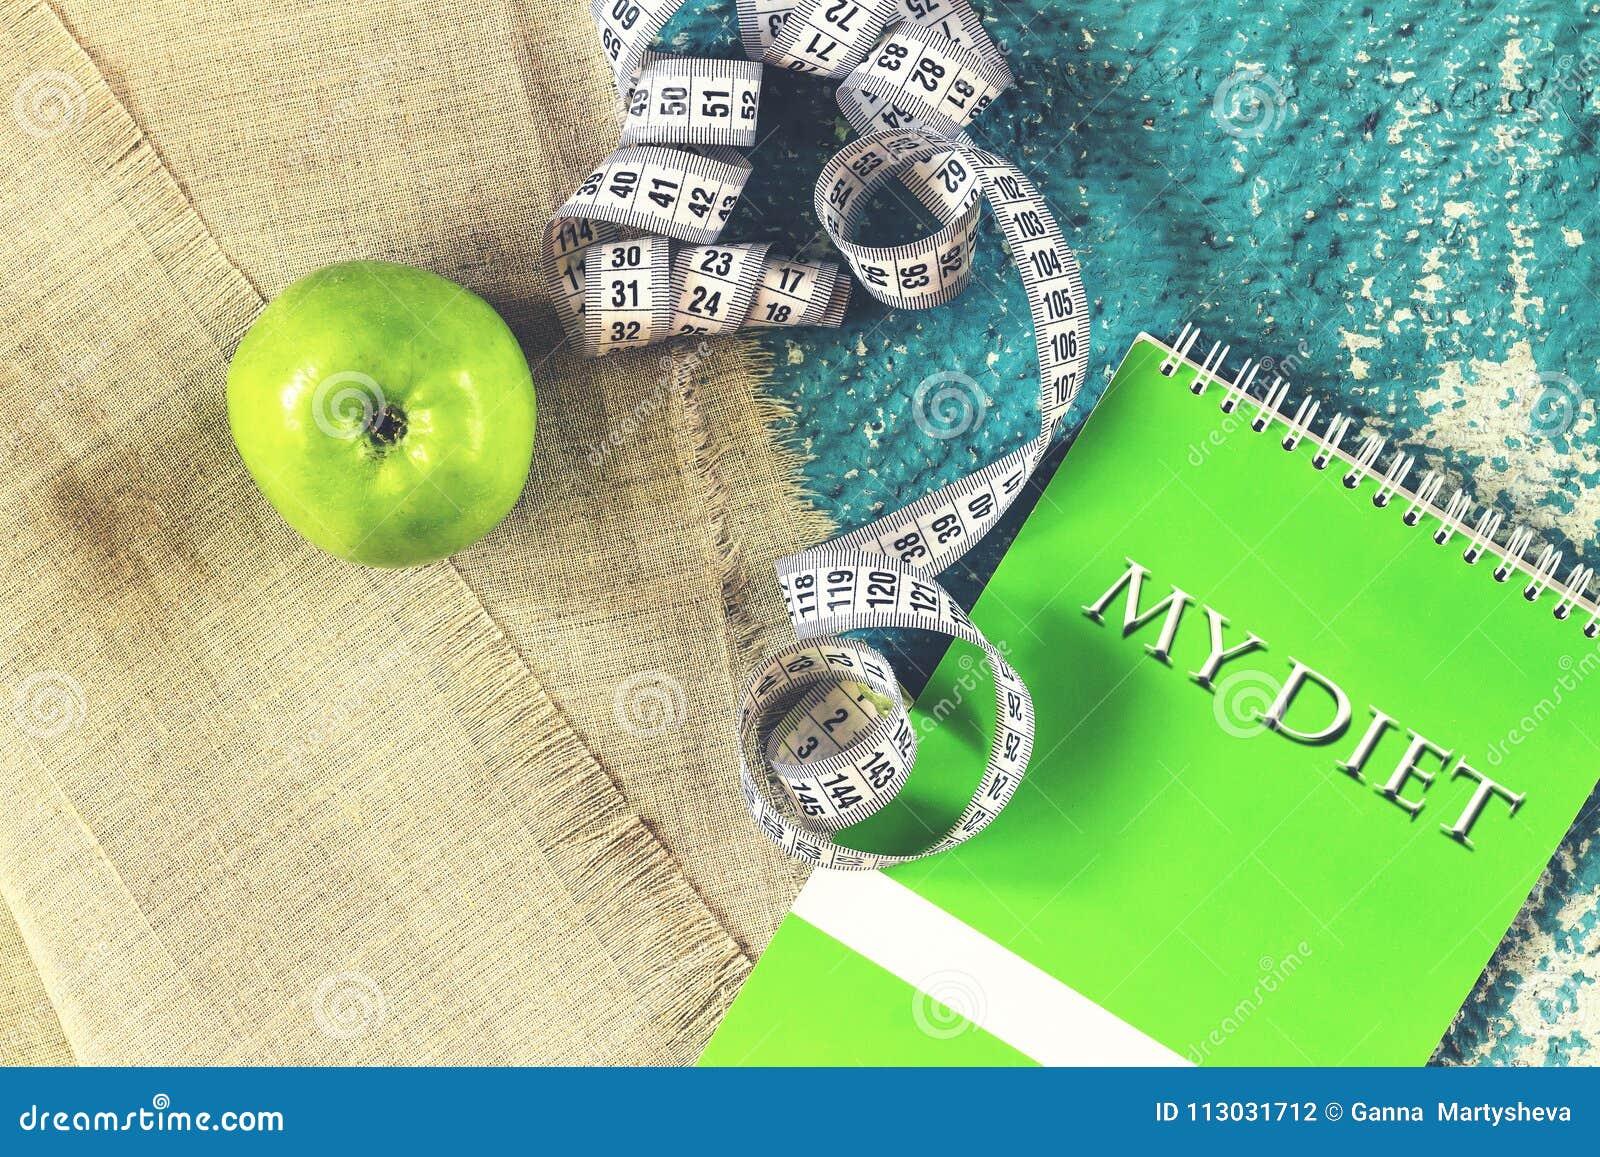 Forma de vida sana, cuaderno, manzana, cinta métrica, dieta MI MUERA